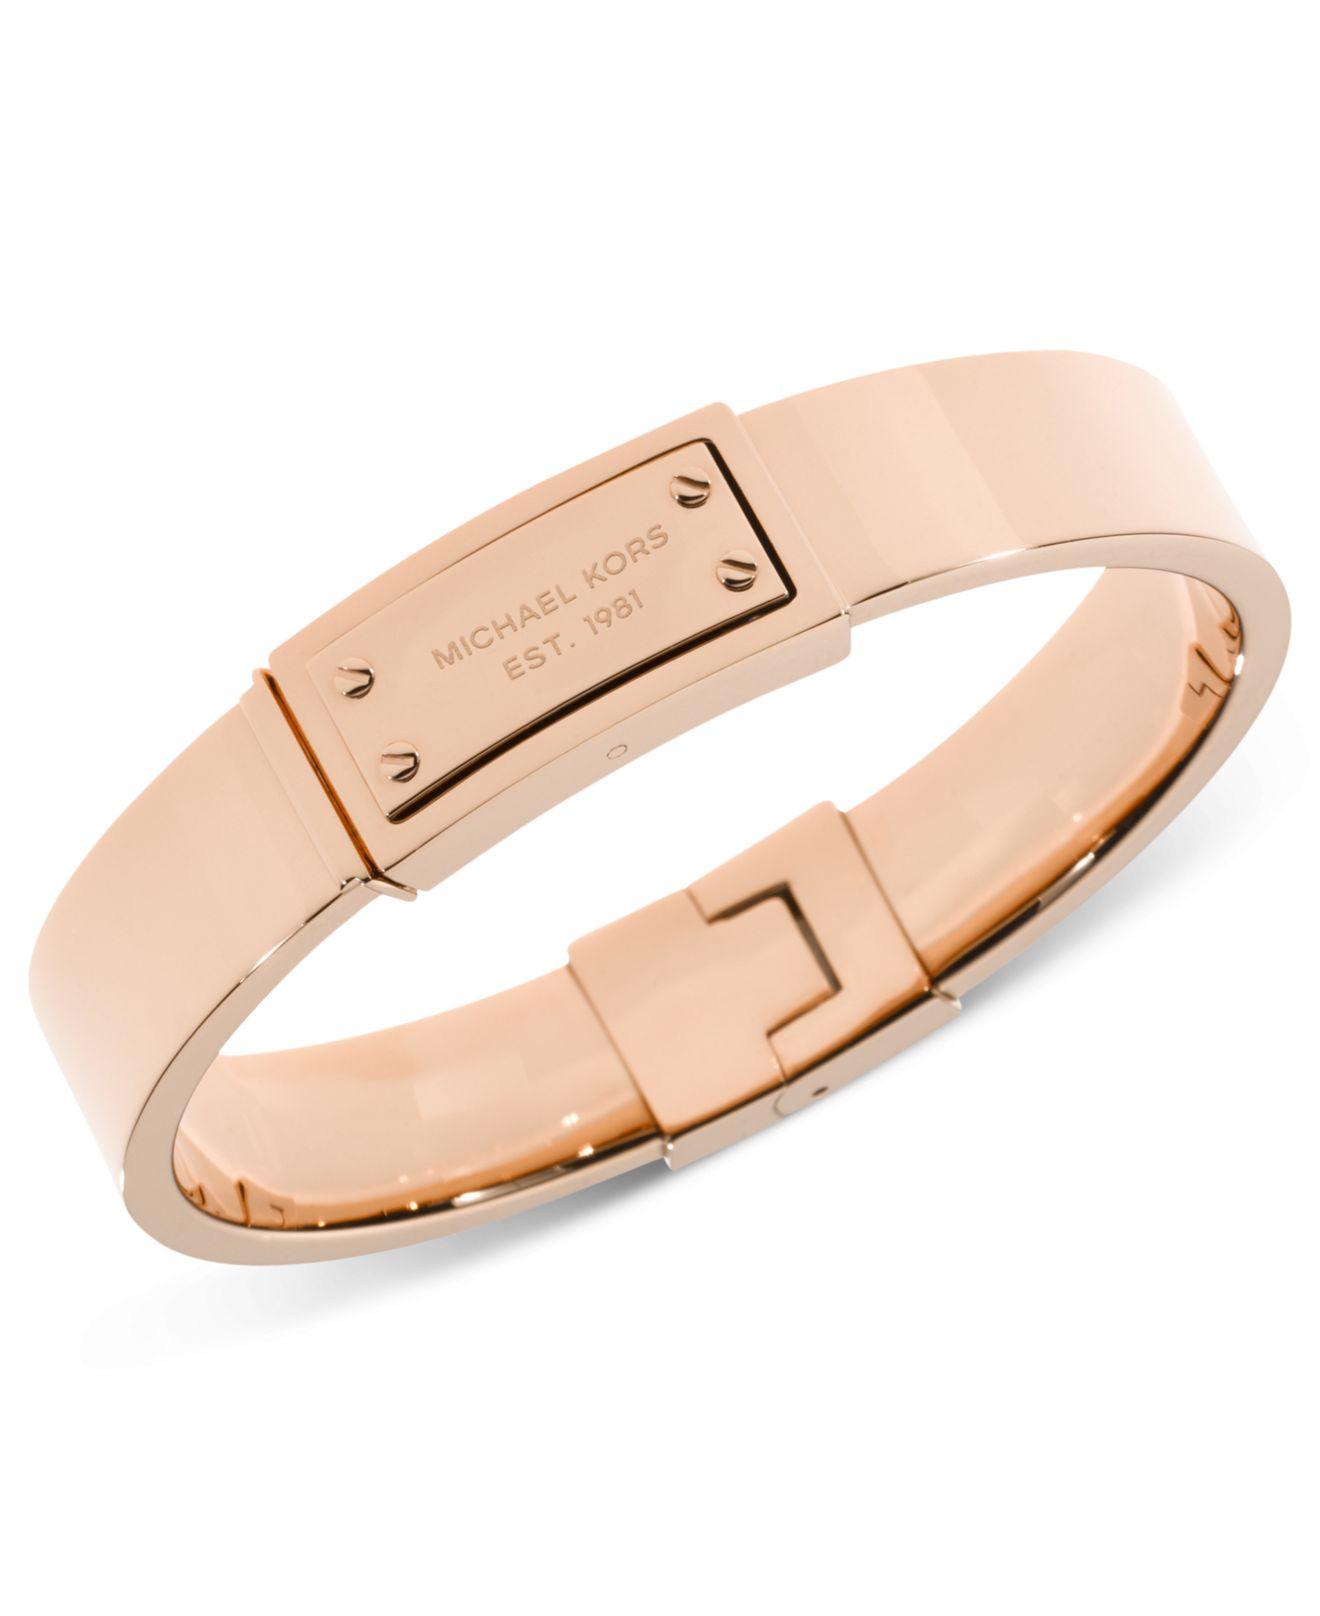 michael kors rose gold tone logo plaque bangle bracelet in. Black Bedroom Furniture Sets. Home Design Ideas